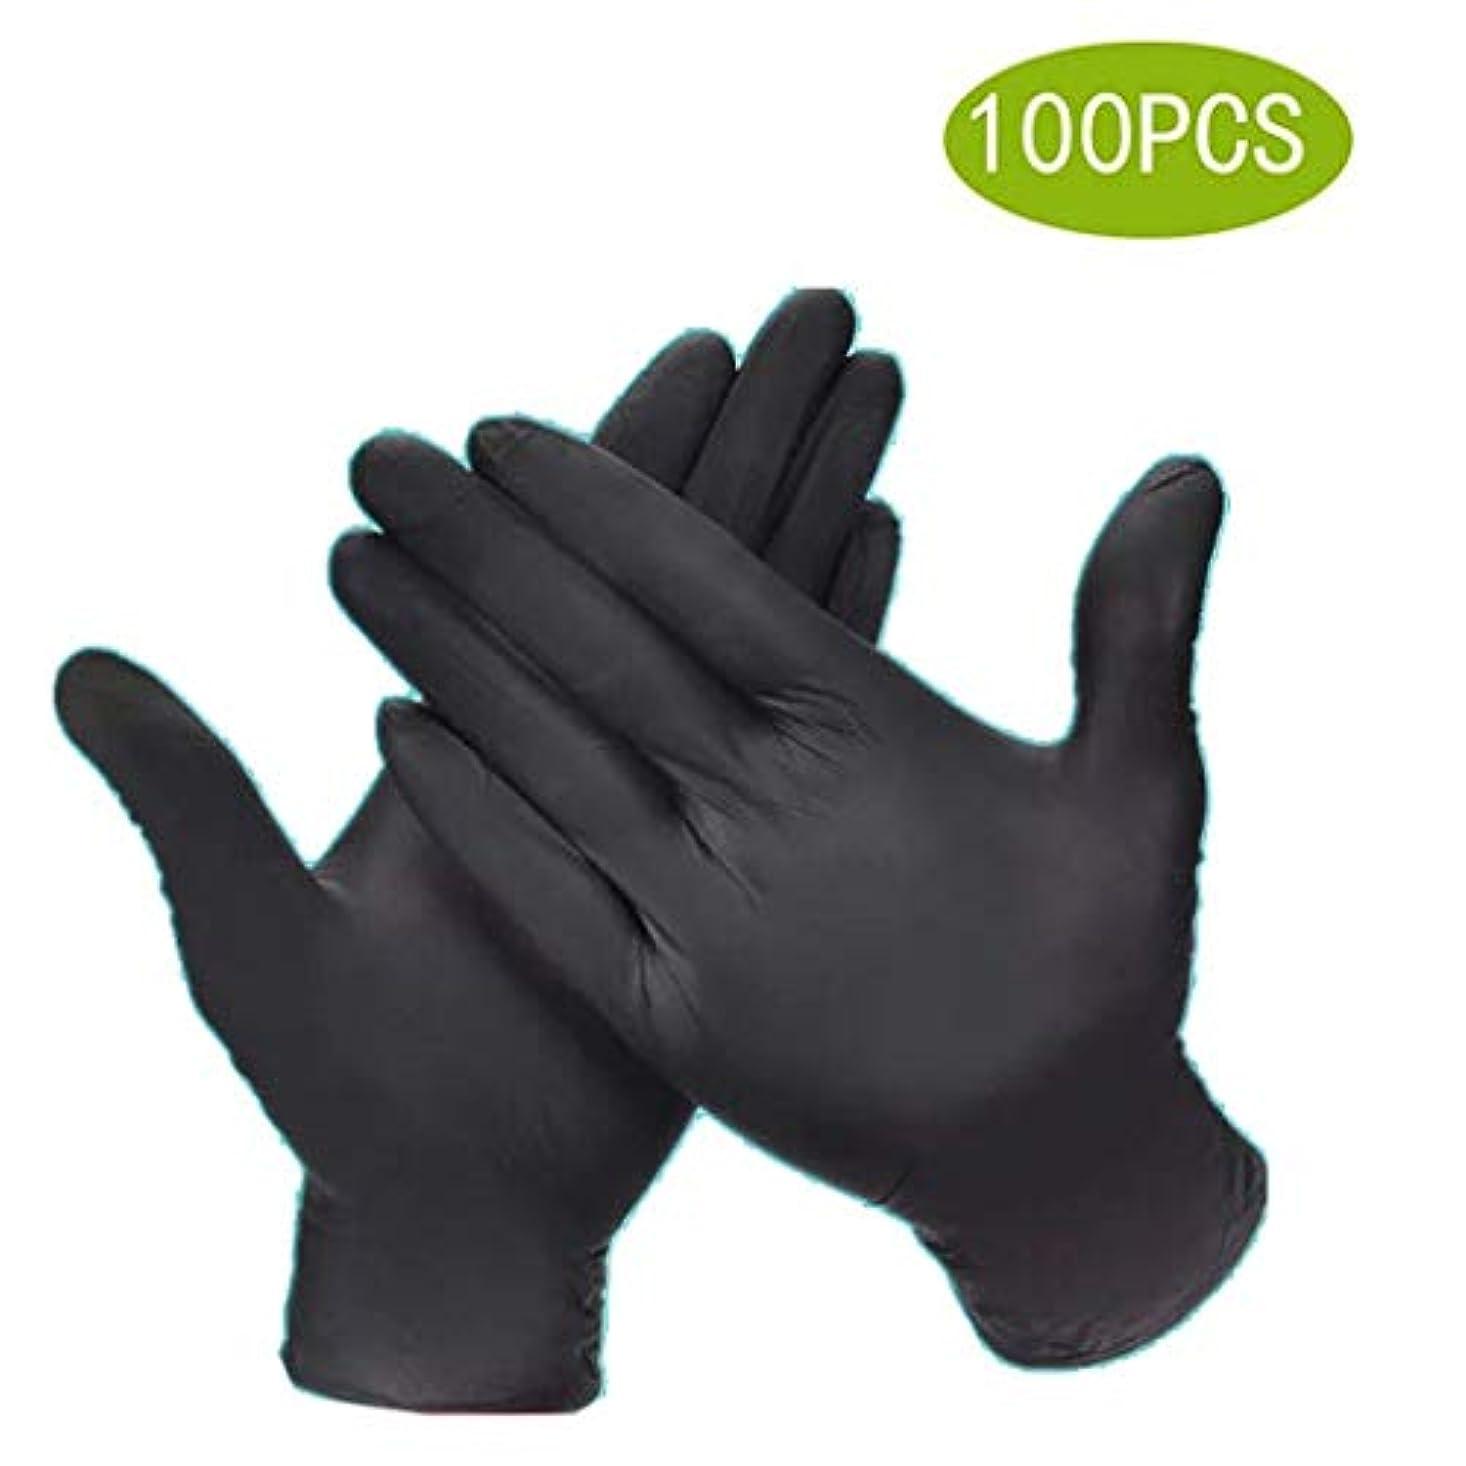 バーゲンシリング入手します使い捨て手袋食品ケータリング手術ディンチン厚い黒滑り止め酸とアルカリキッチン試験/食品グレード安全用品、使い捨てハンドグローブディスペンサー[100個] (Size : M)